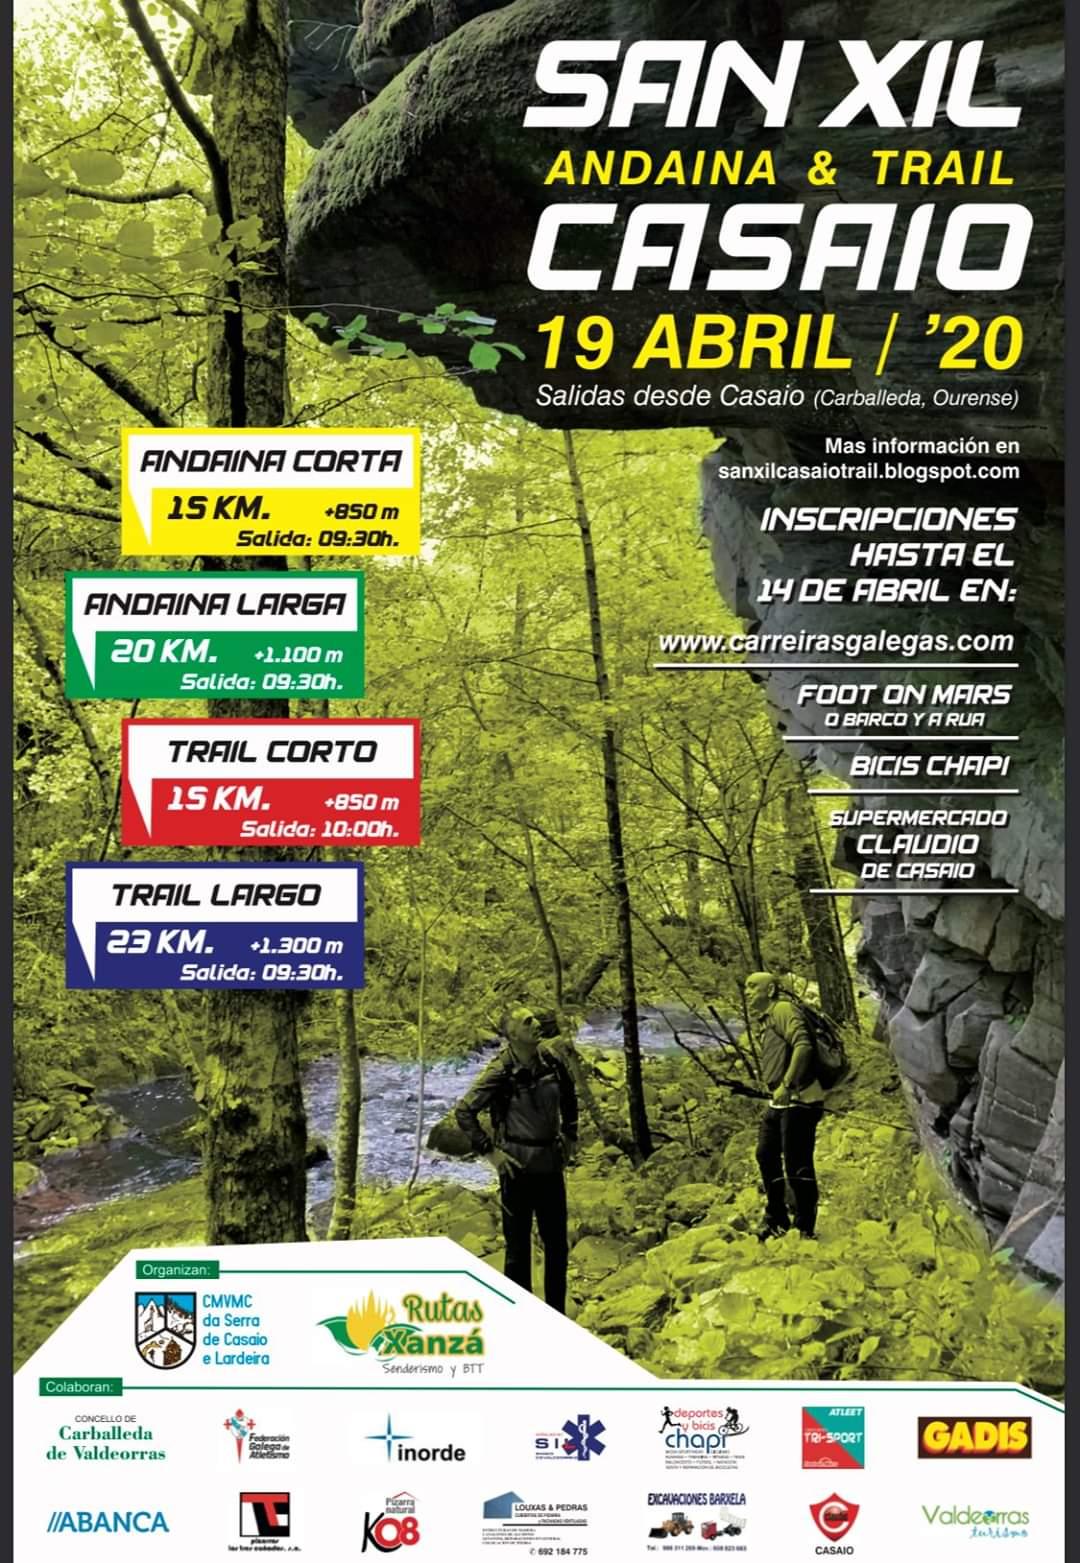 San Xil – Casaio Andaina & Trail 2020 – APRAZADA